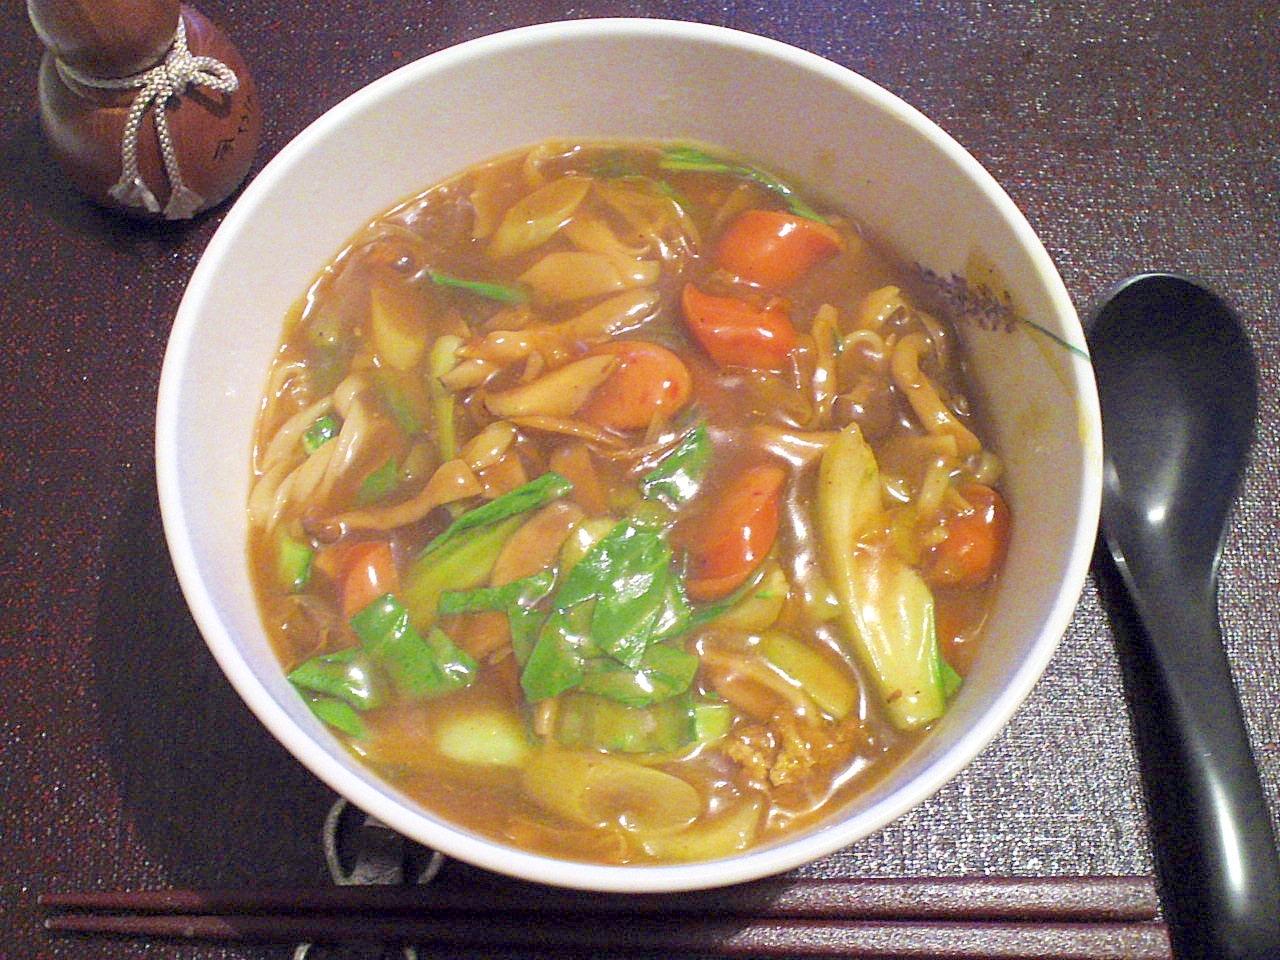 めんつゆとカレー粉で☆お蕎麦屋さんのカレーうどん レシピ・作り方 by fukuwajutu|楽天レシピ